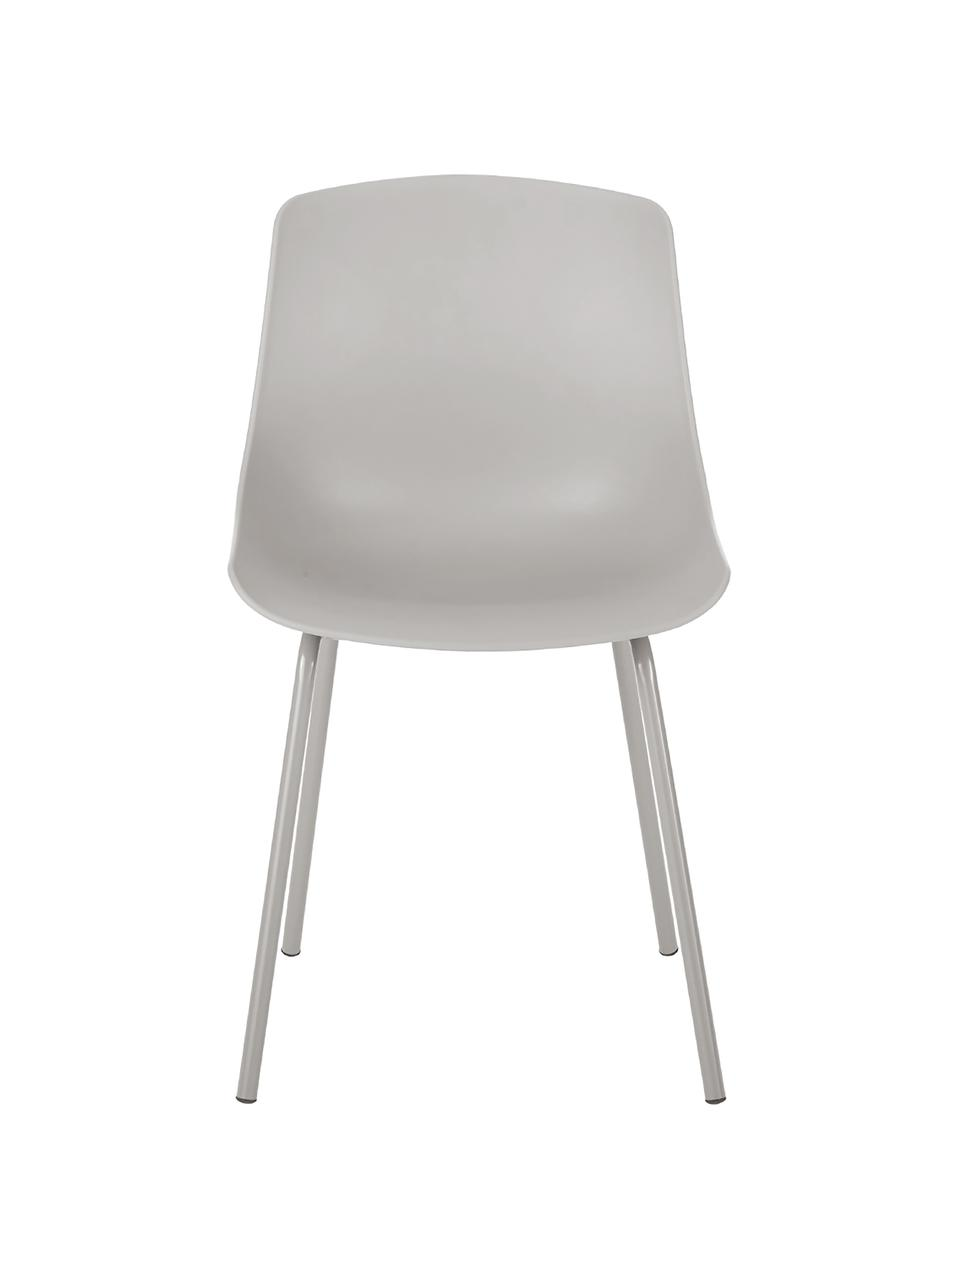 Kunststoffstühle Dave mit Metallbeinen, 2 Stück, Sitzfläche: Kunststoff, Beine: Metall, pulverbeschichtet, Taupe, B 46 x T 53 cm